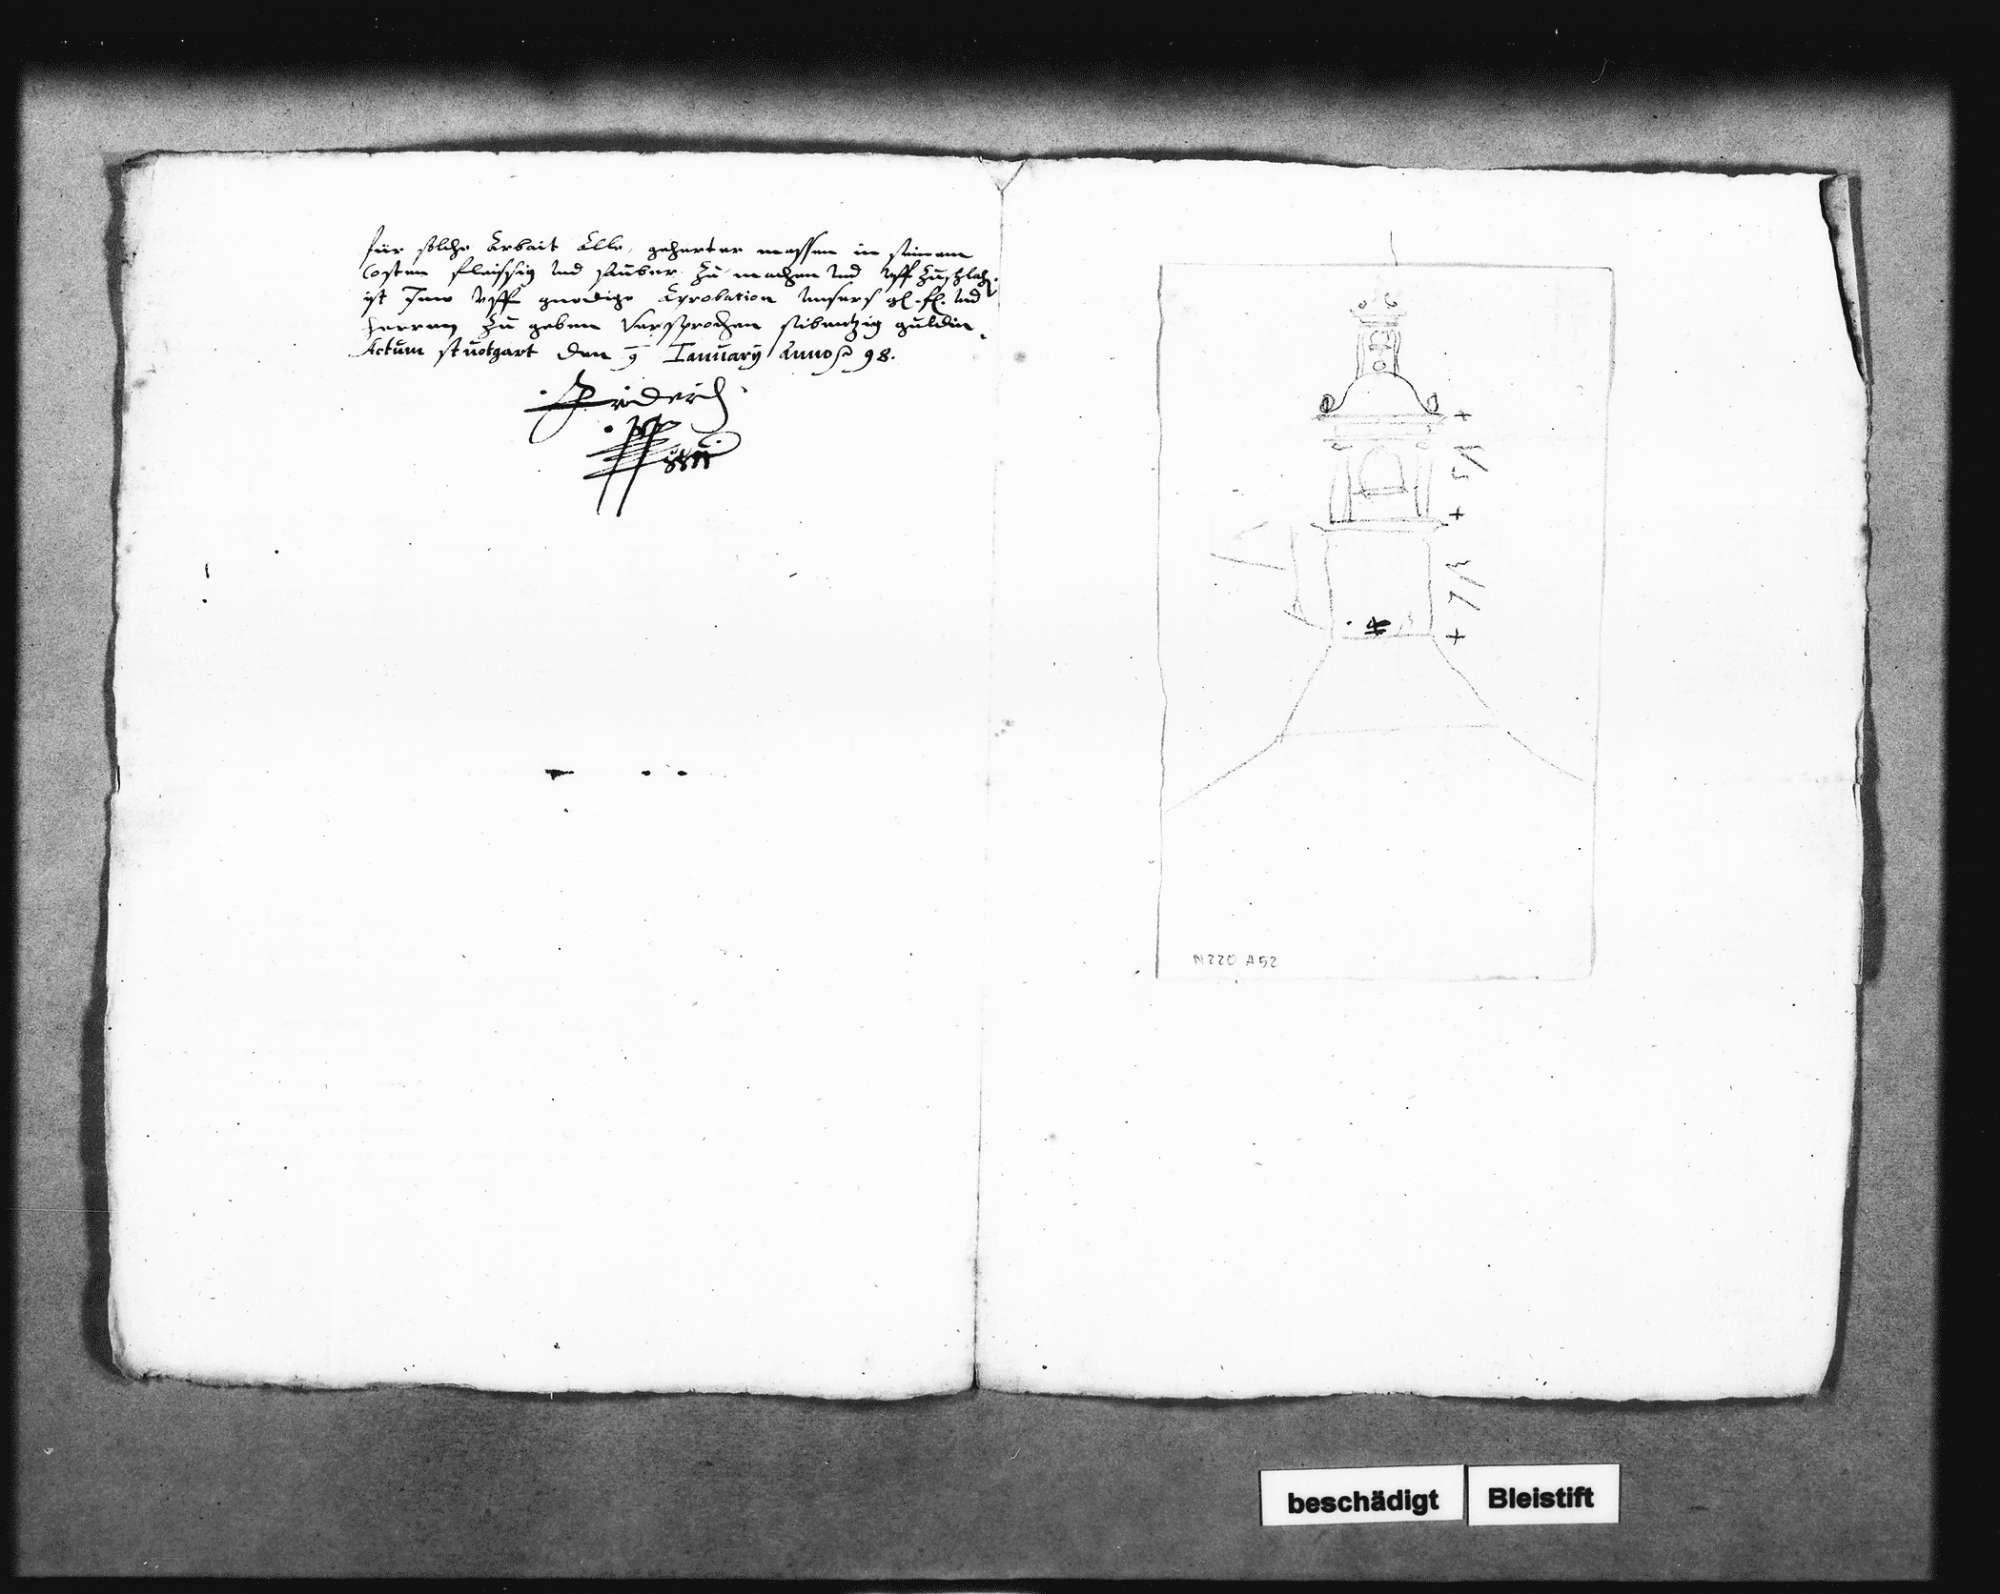 Auftrag für das Uhrtürmchen an den Uhrmachermeister Martin Rapp in Stuttgart, unterschrieben von Herzog Friedrich; zwei Schreiben dazu von Christoph Reyhing, Bild 3